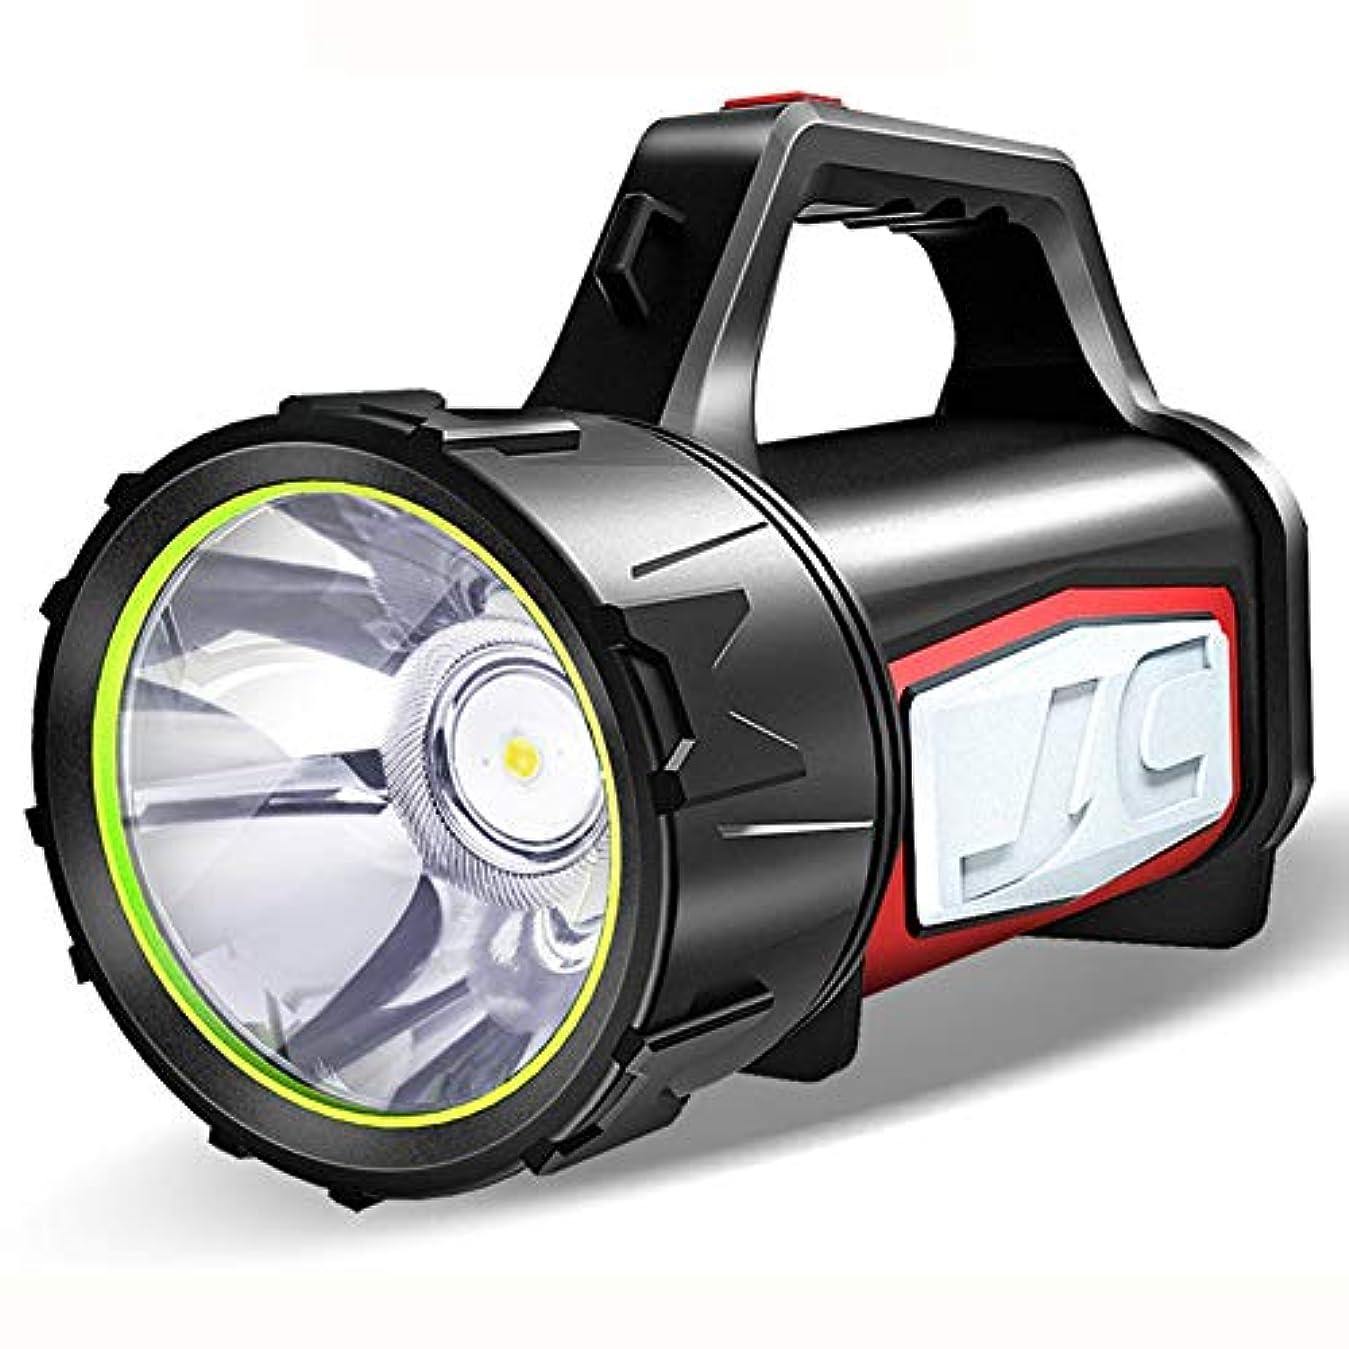 居間古風なバーグレア懐中電灯 充電式ポータブル屋外照明 LEDキャンプライト 両面照明 1500ルーメン警報灯